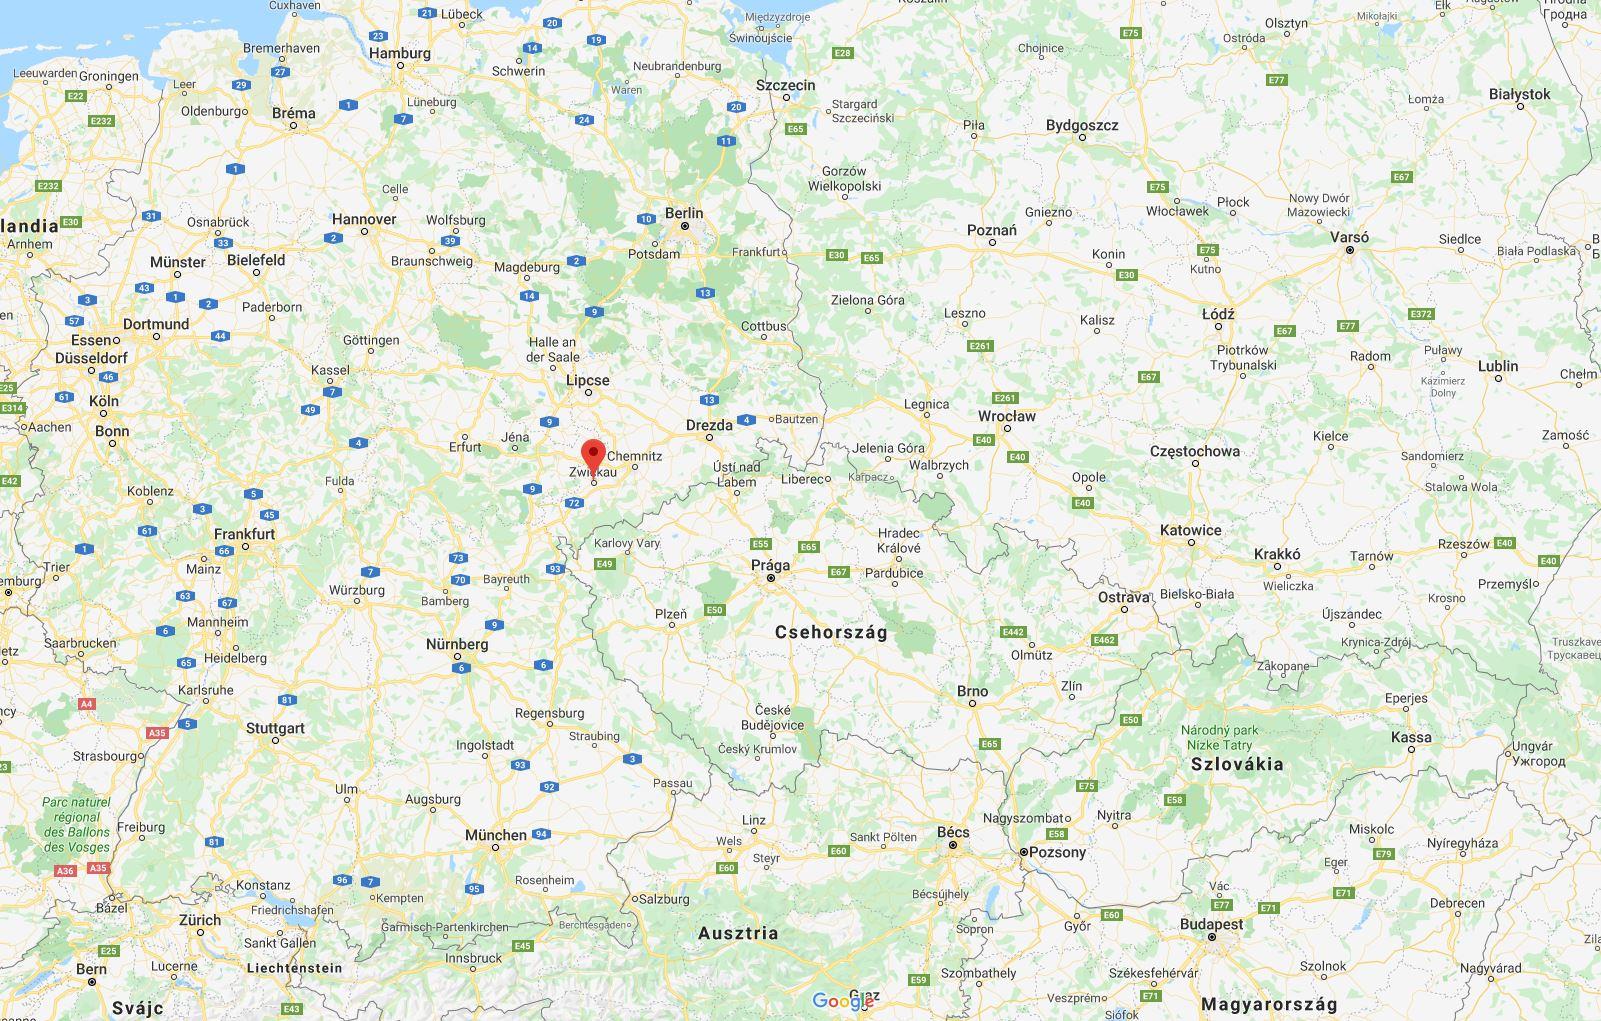 Zwickau Németországban, Magyarországhoz képest is jól láthatóan